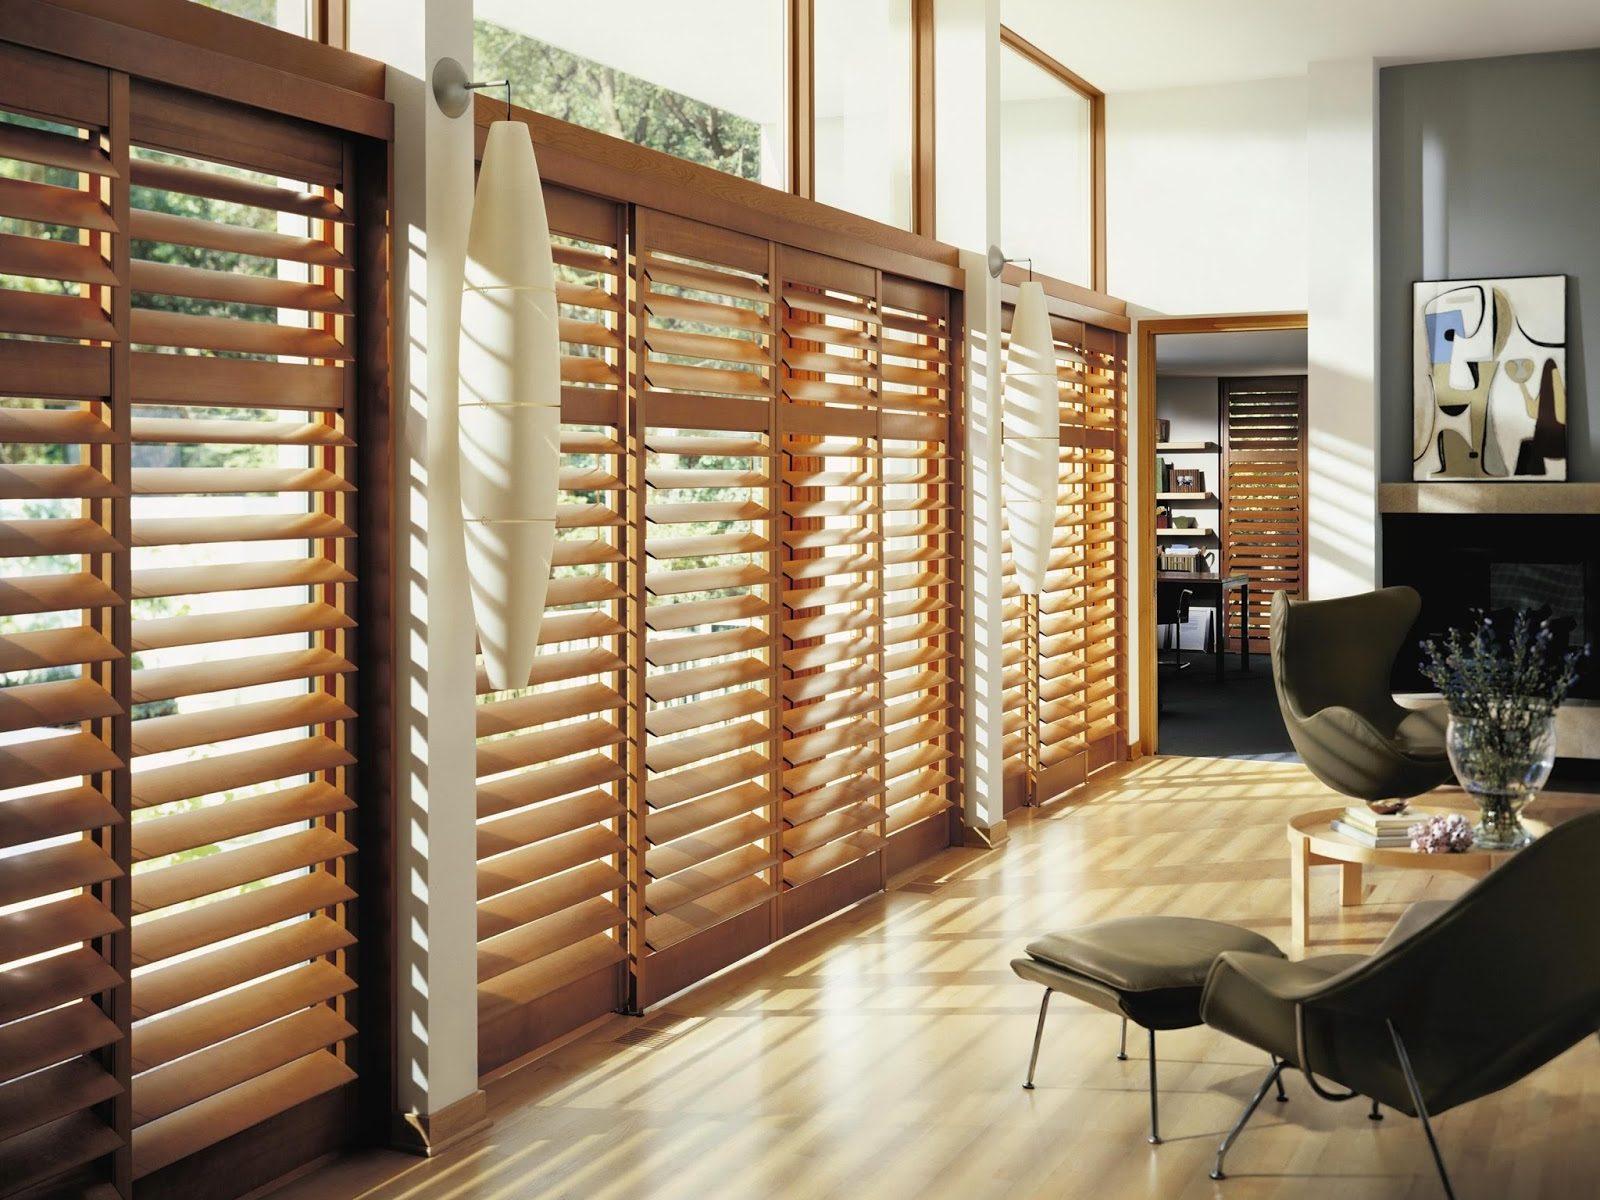 Limpiar las persianas de madera sin estropearlas